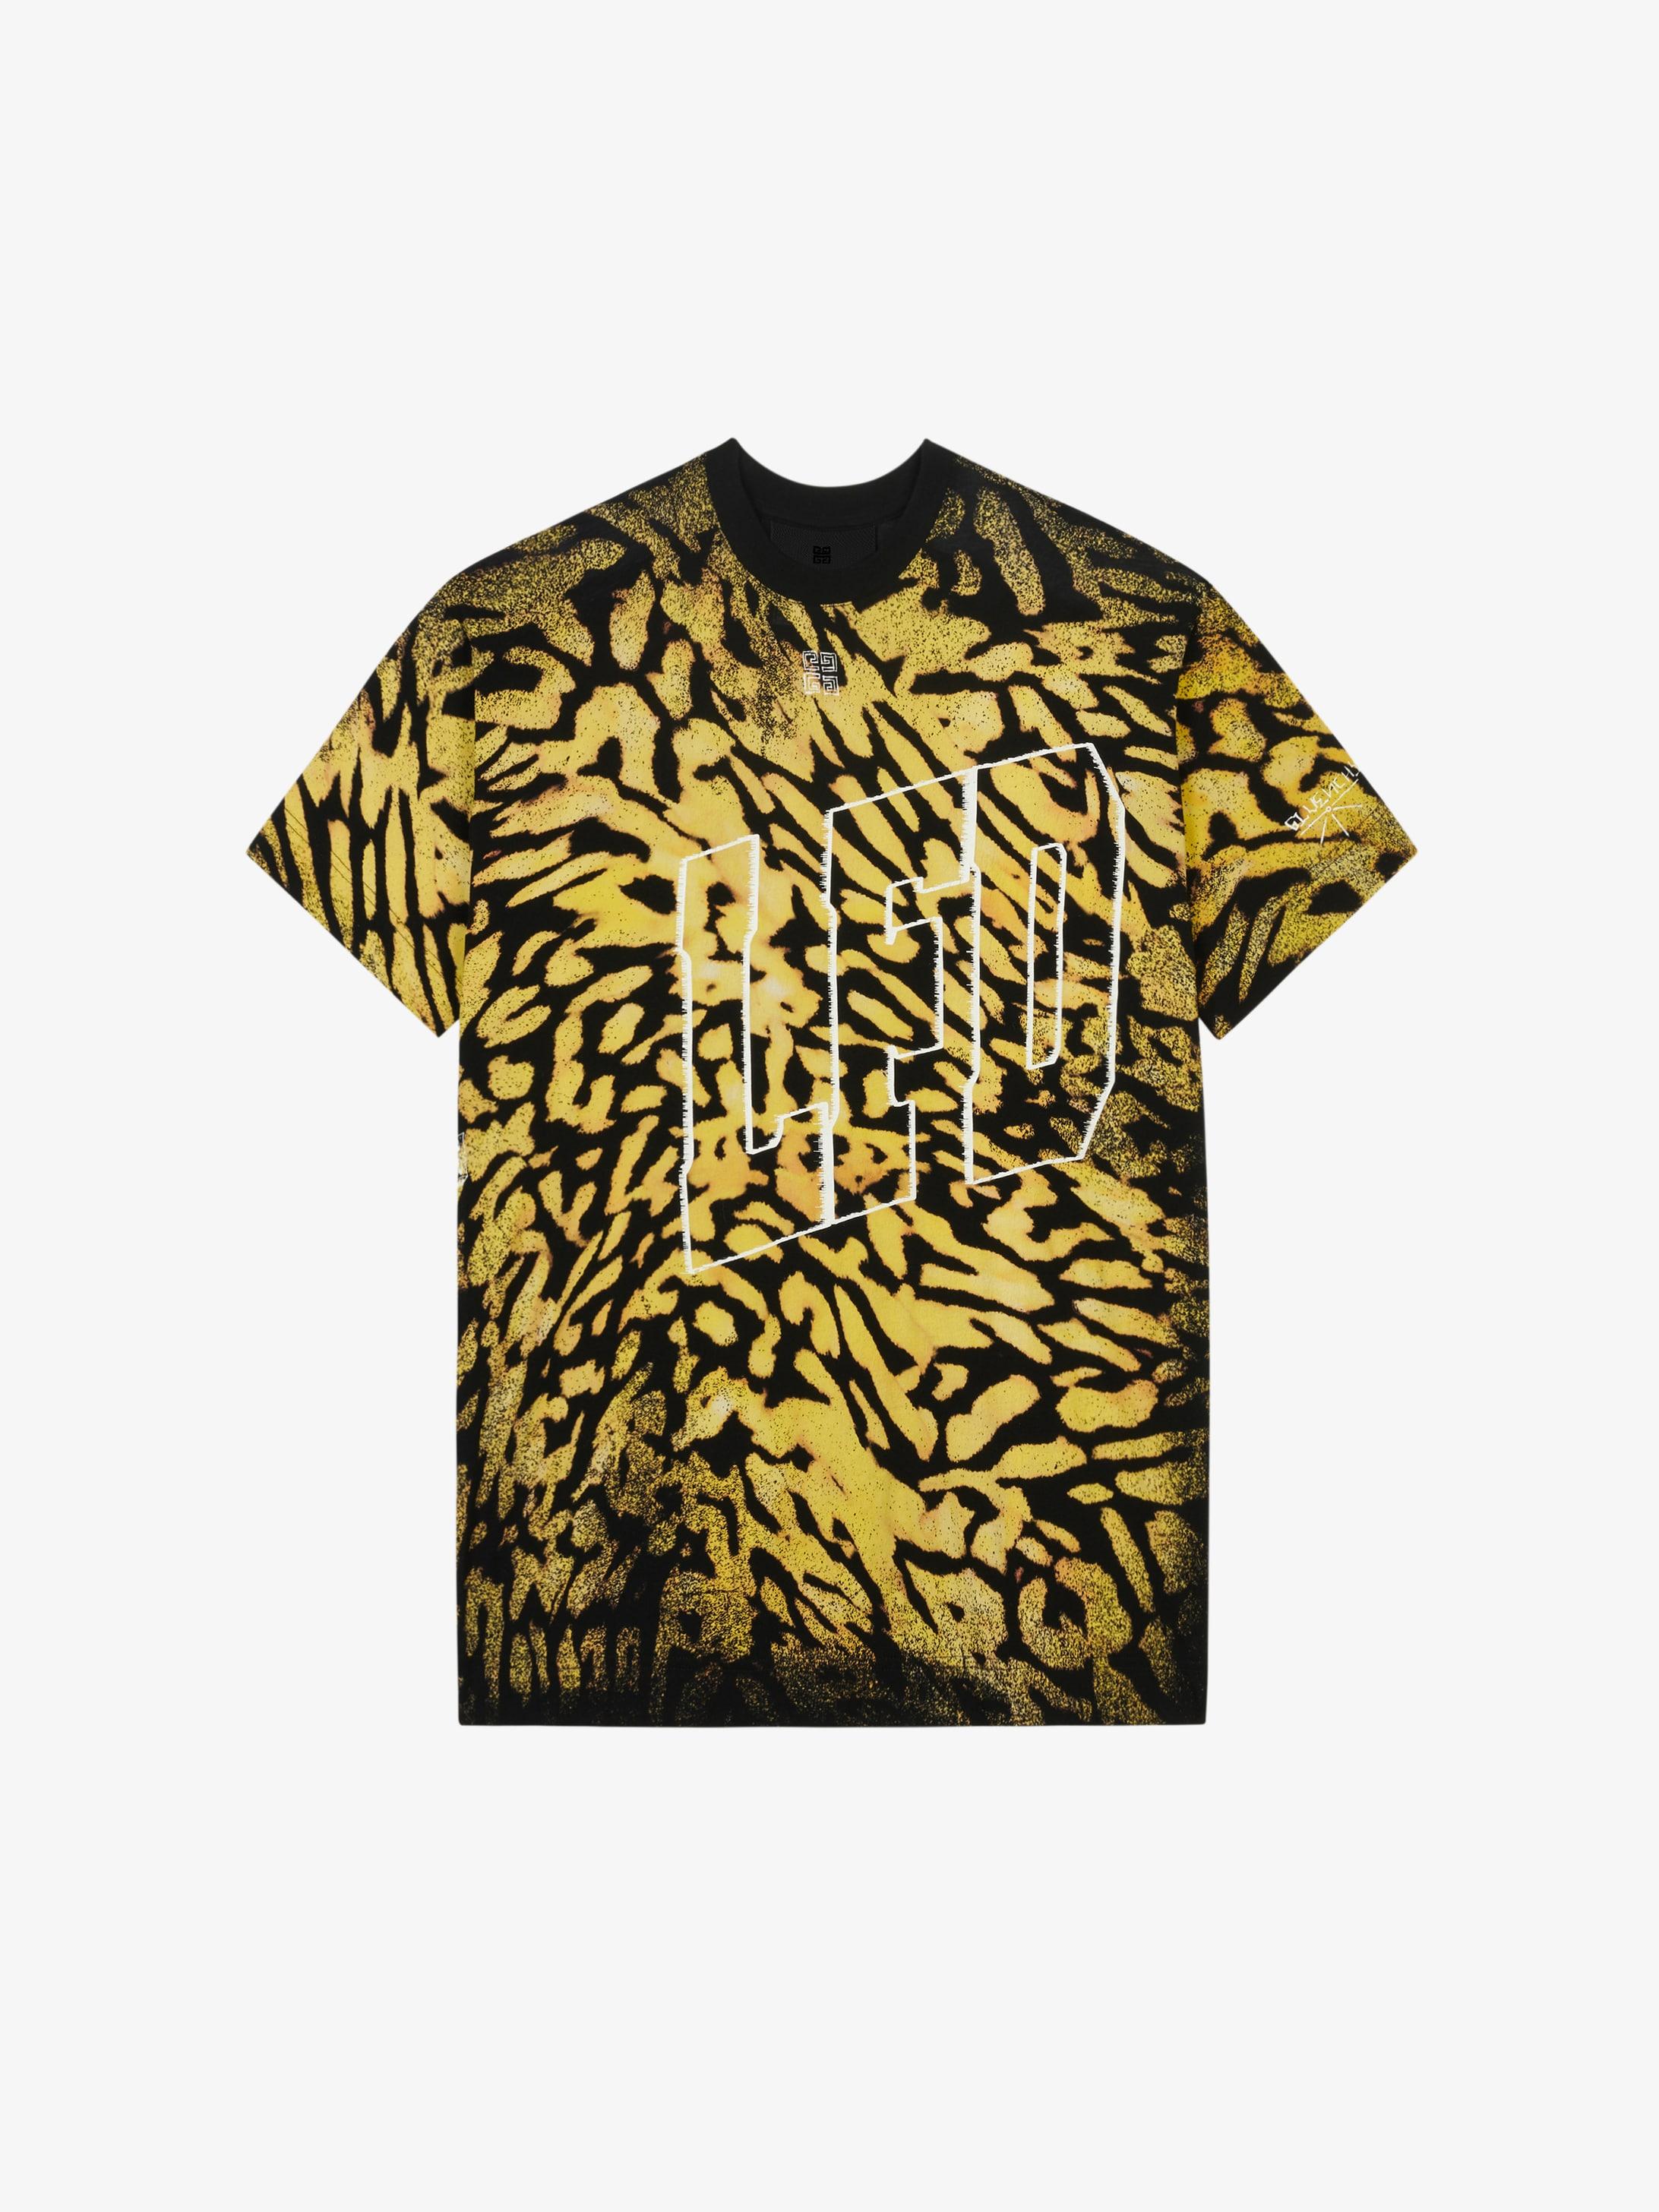 超大印花T恤